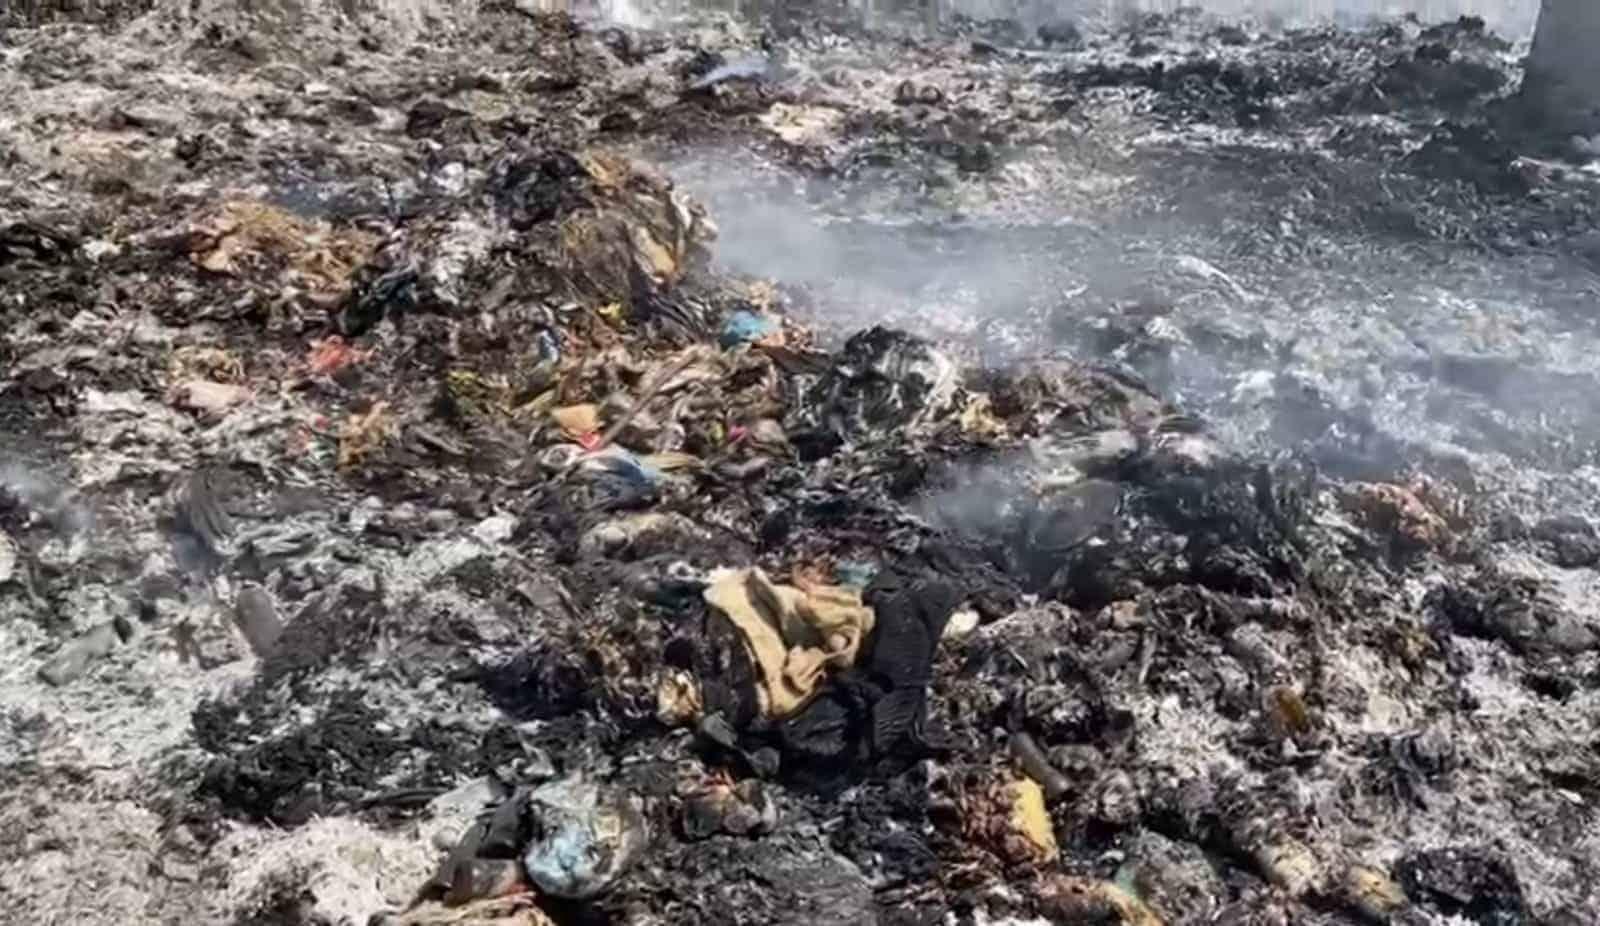 Kryeministri Rama ultimatum bashkive për menaxhimin e mbetjeve, sanksione ndaj atyre që nuk parashikojnë buxhet për pastrimin